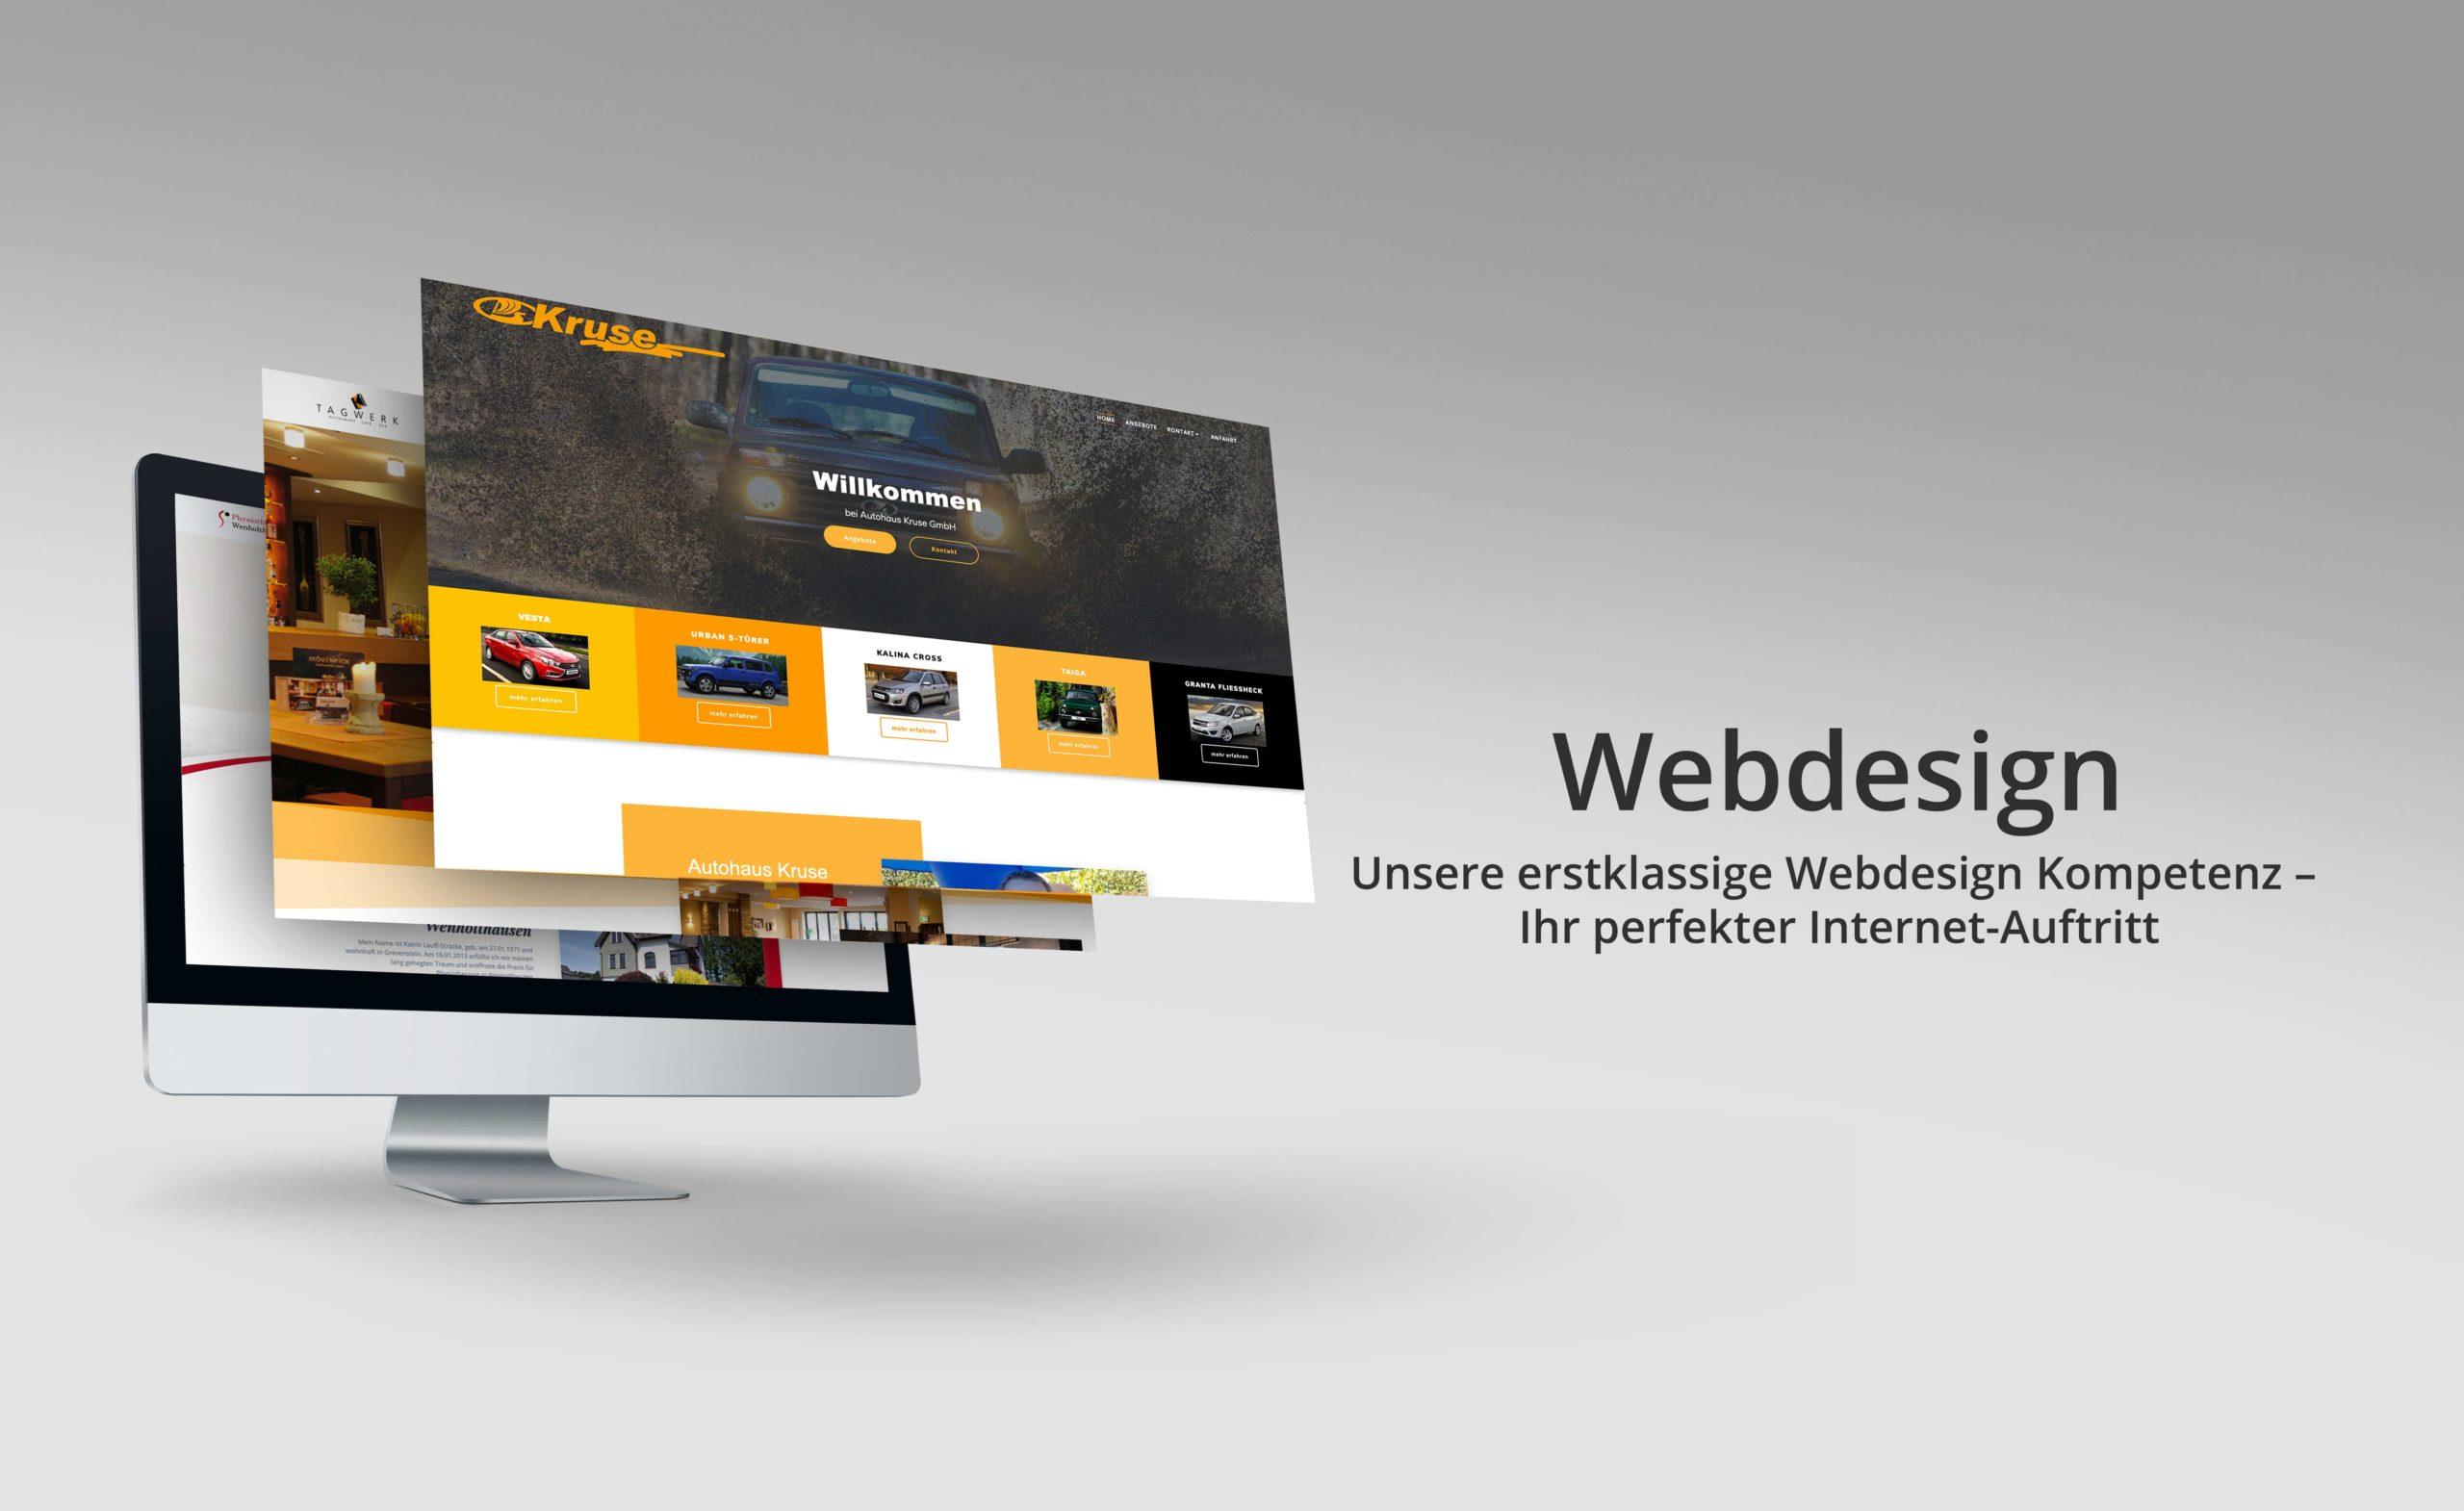 Webdesign - Unsere erstklassige Webdesign Kompetenz - Ihr perfekter Internetauftritt